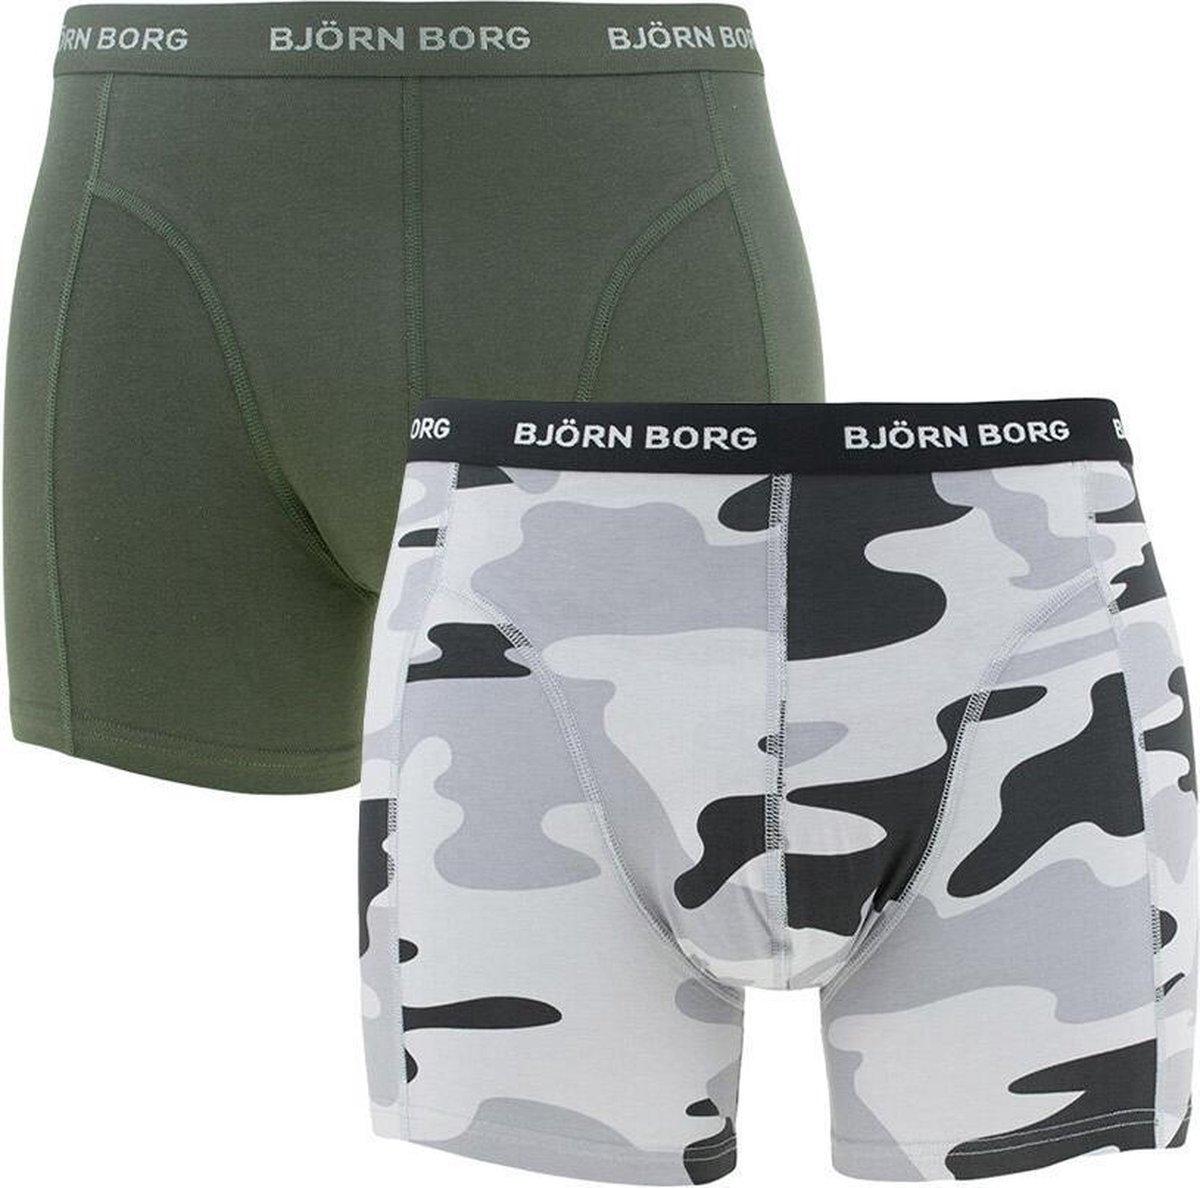 Bj rn Borg 2P Essentials Camo Heren Boxershorts - Maat XXL